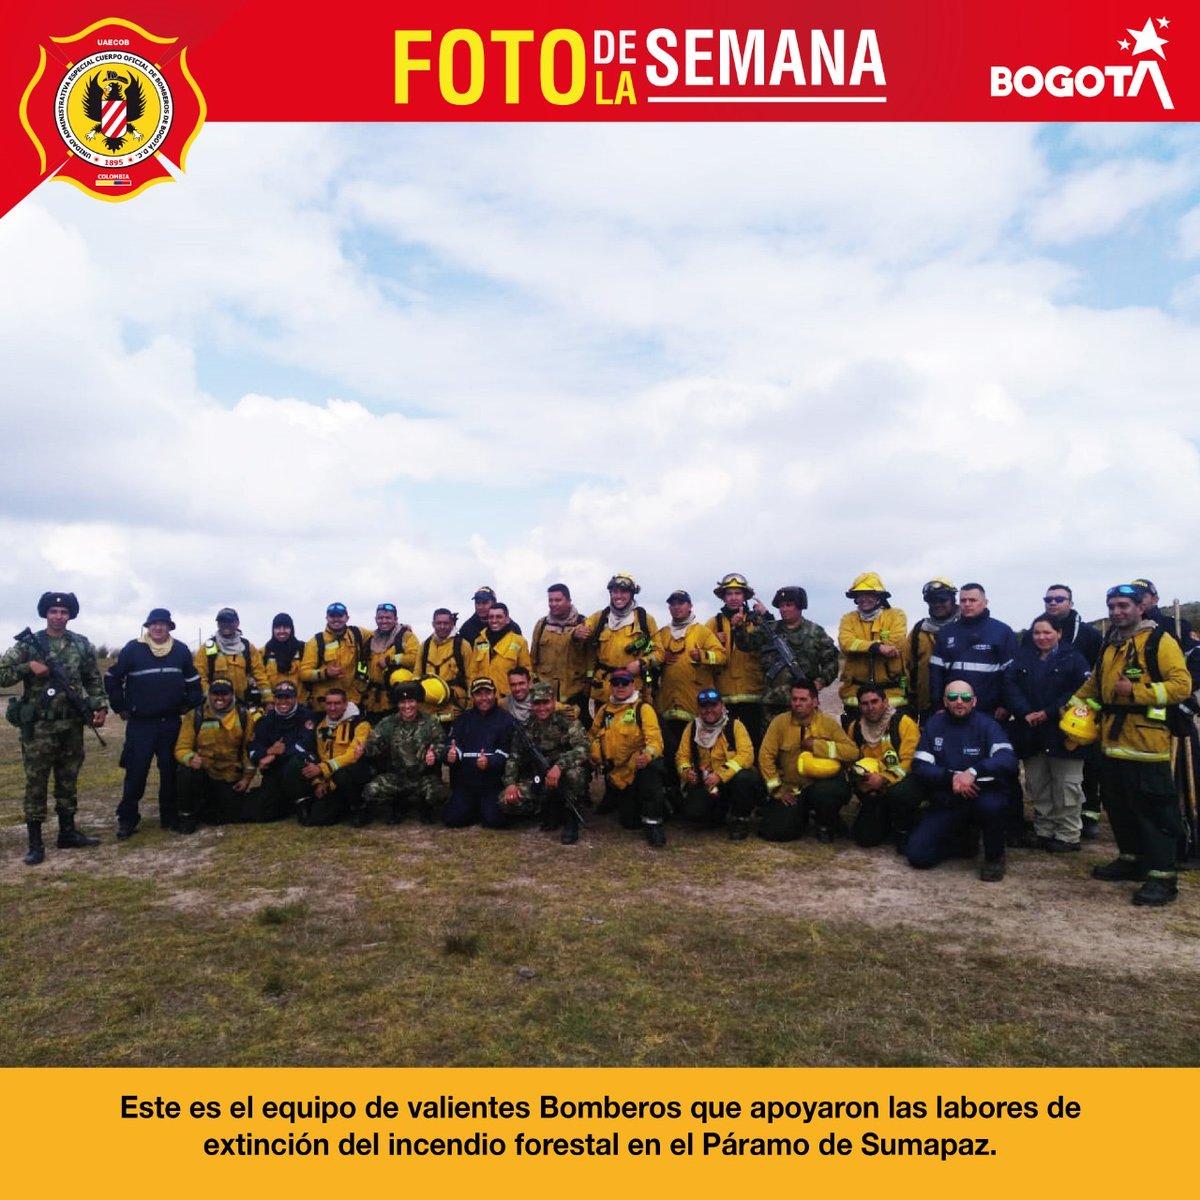 En la #FotoDeLaSemana les mostramos al equipo que apoyó las labores de extinción del incendio forestal que se presentó en el Páramo de Sumapaz 👏